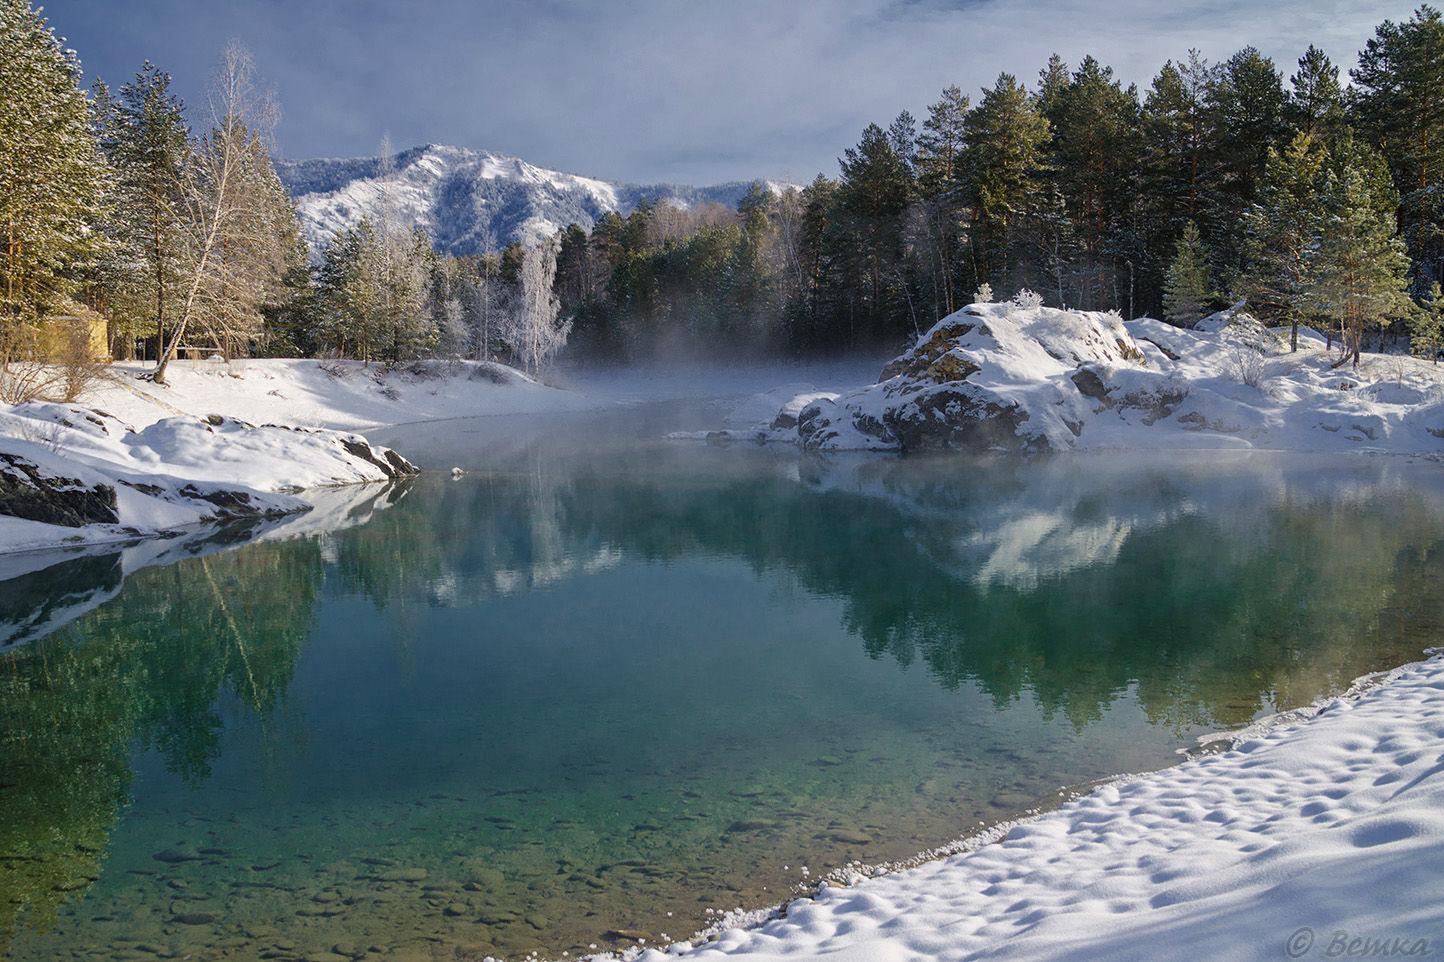 самые интересные места России для туристов - голубые озера